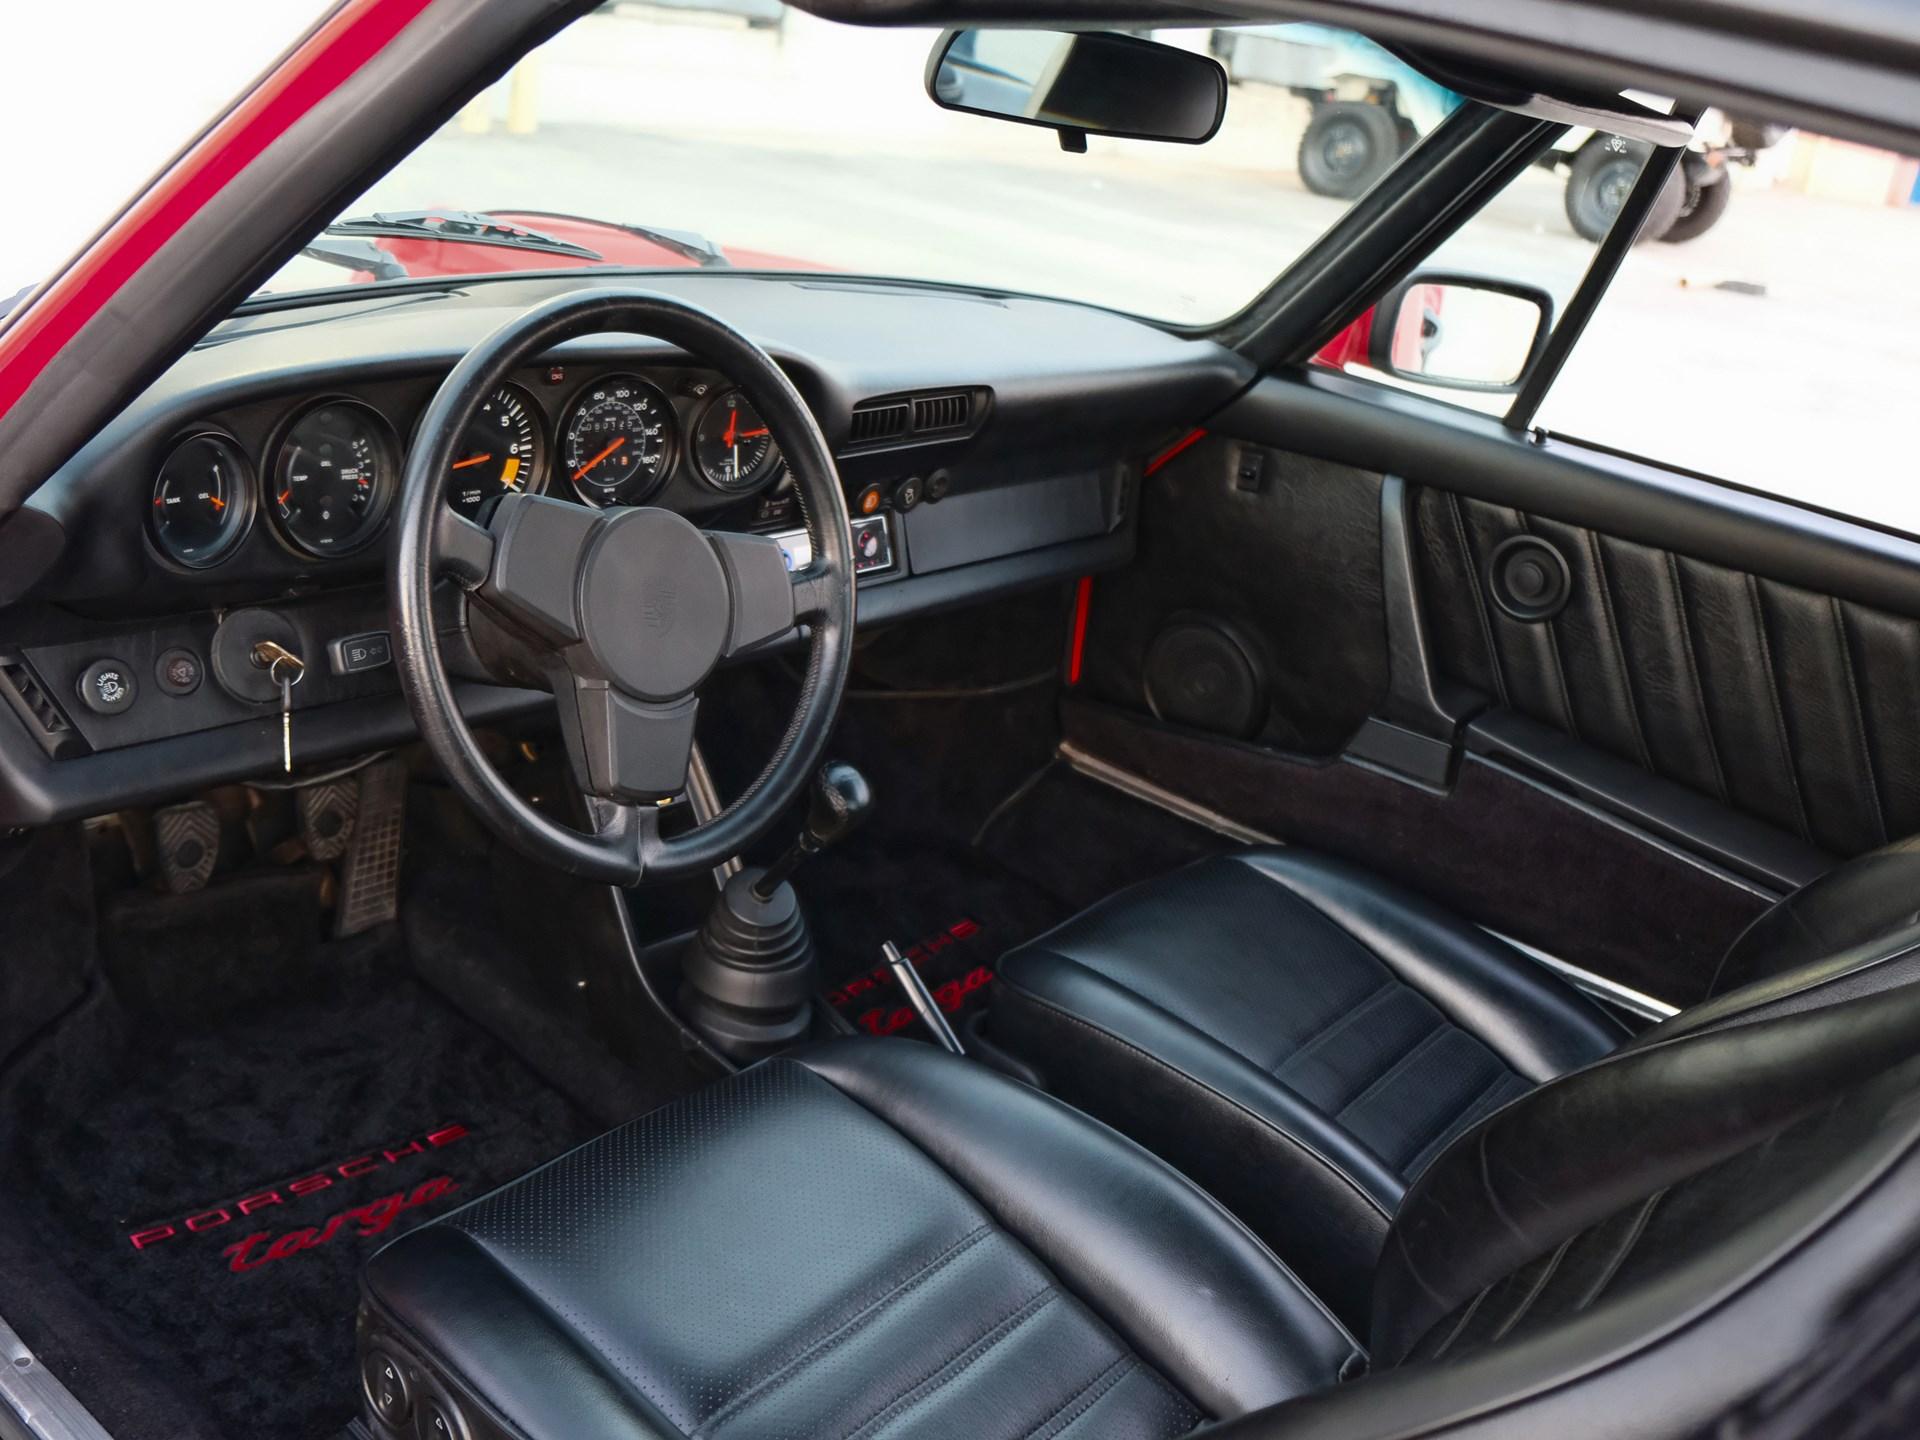 1980 Porsche 911 SC Targa interior driver